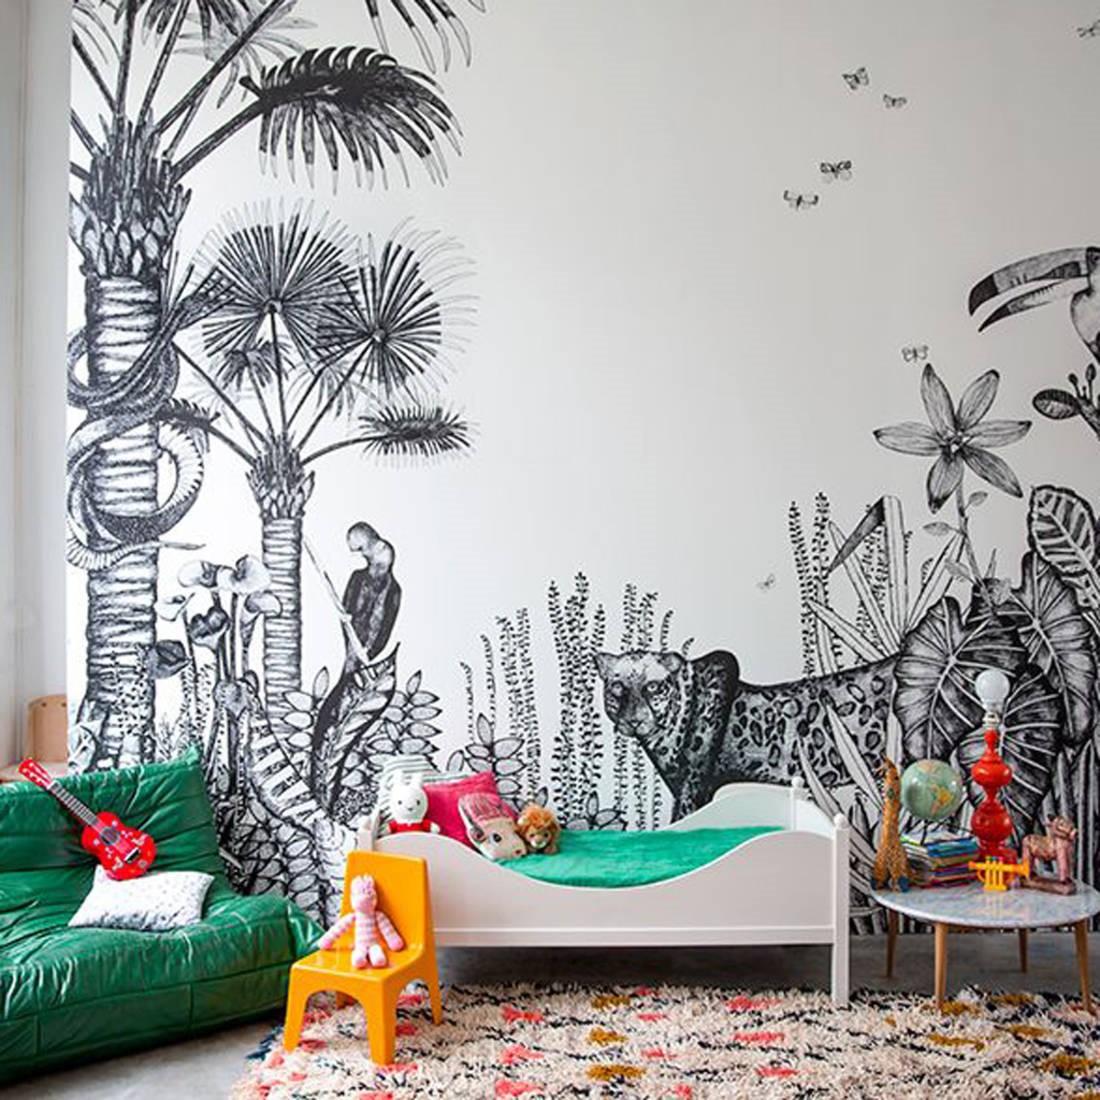 Ambiance tropicale chez les kids | Ponio